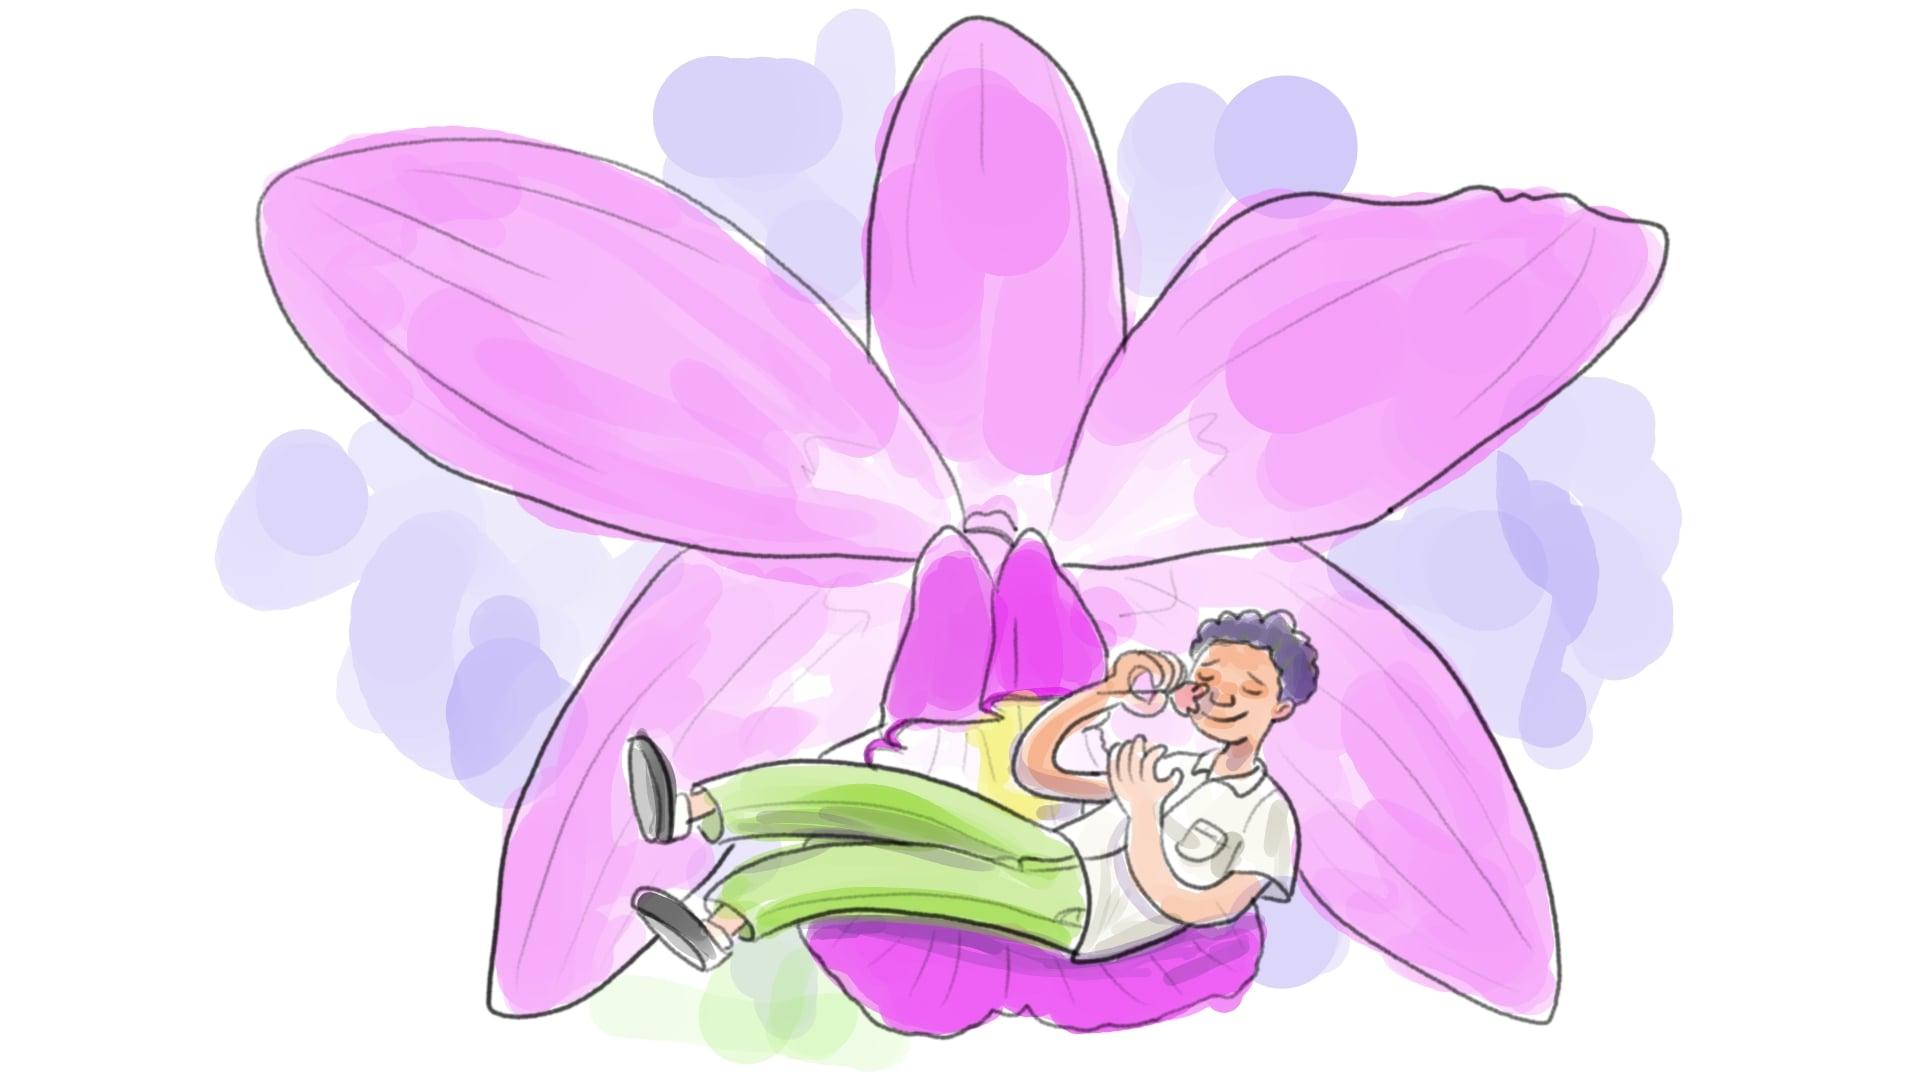 El muchacho sin sonmbre esta sobre una orquídea gigante, y huele una flor que tiene en sus manos.